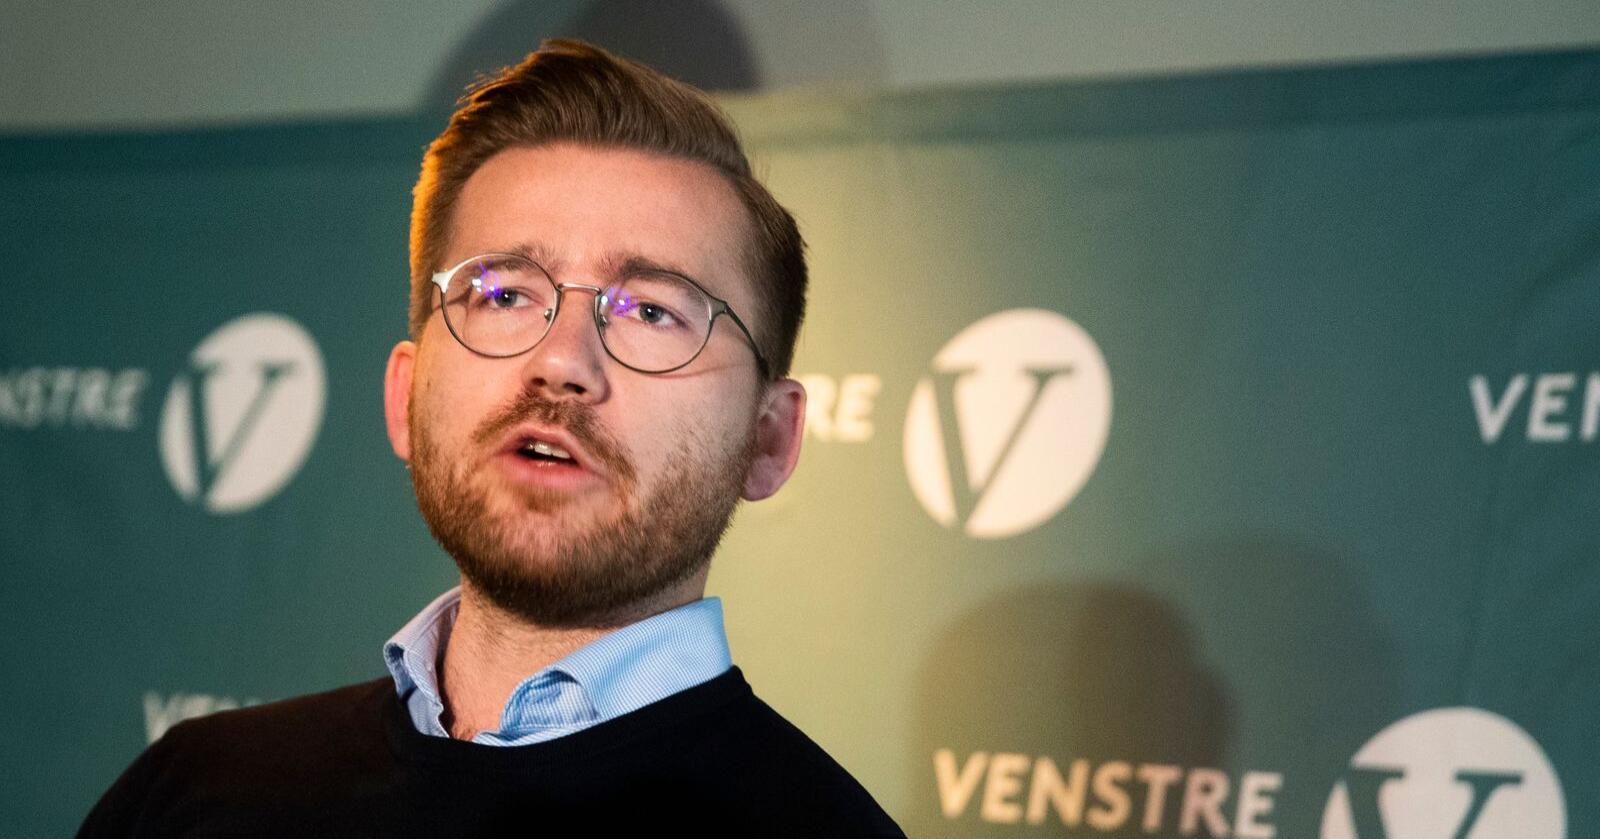 Klima- og miljøminister Sveinung Rotevatn (V). Foto: Berit Roald / NTB